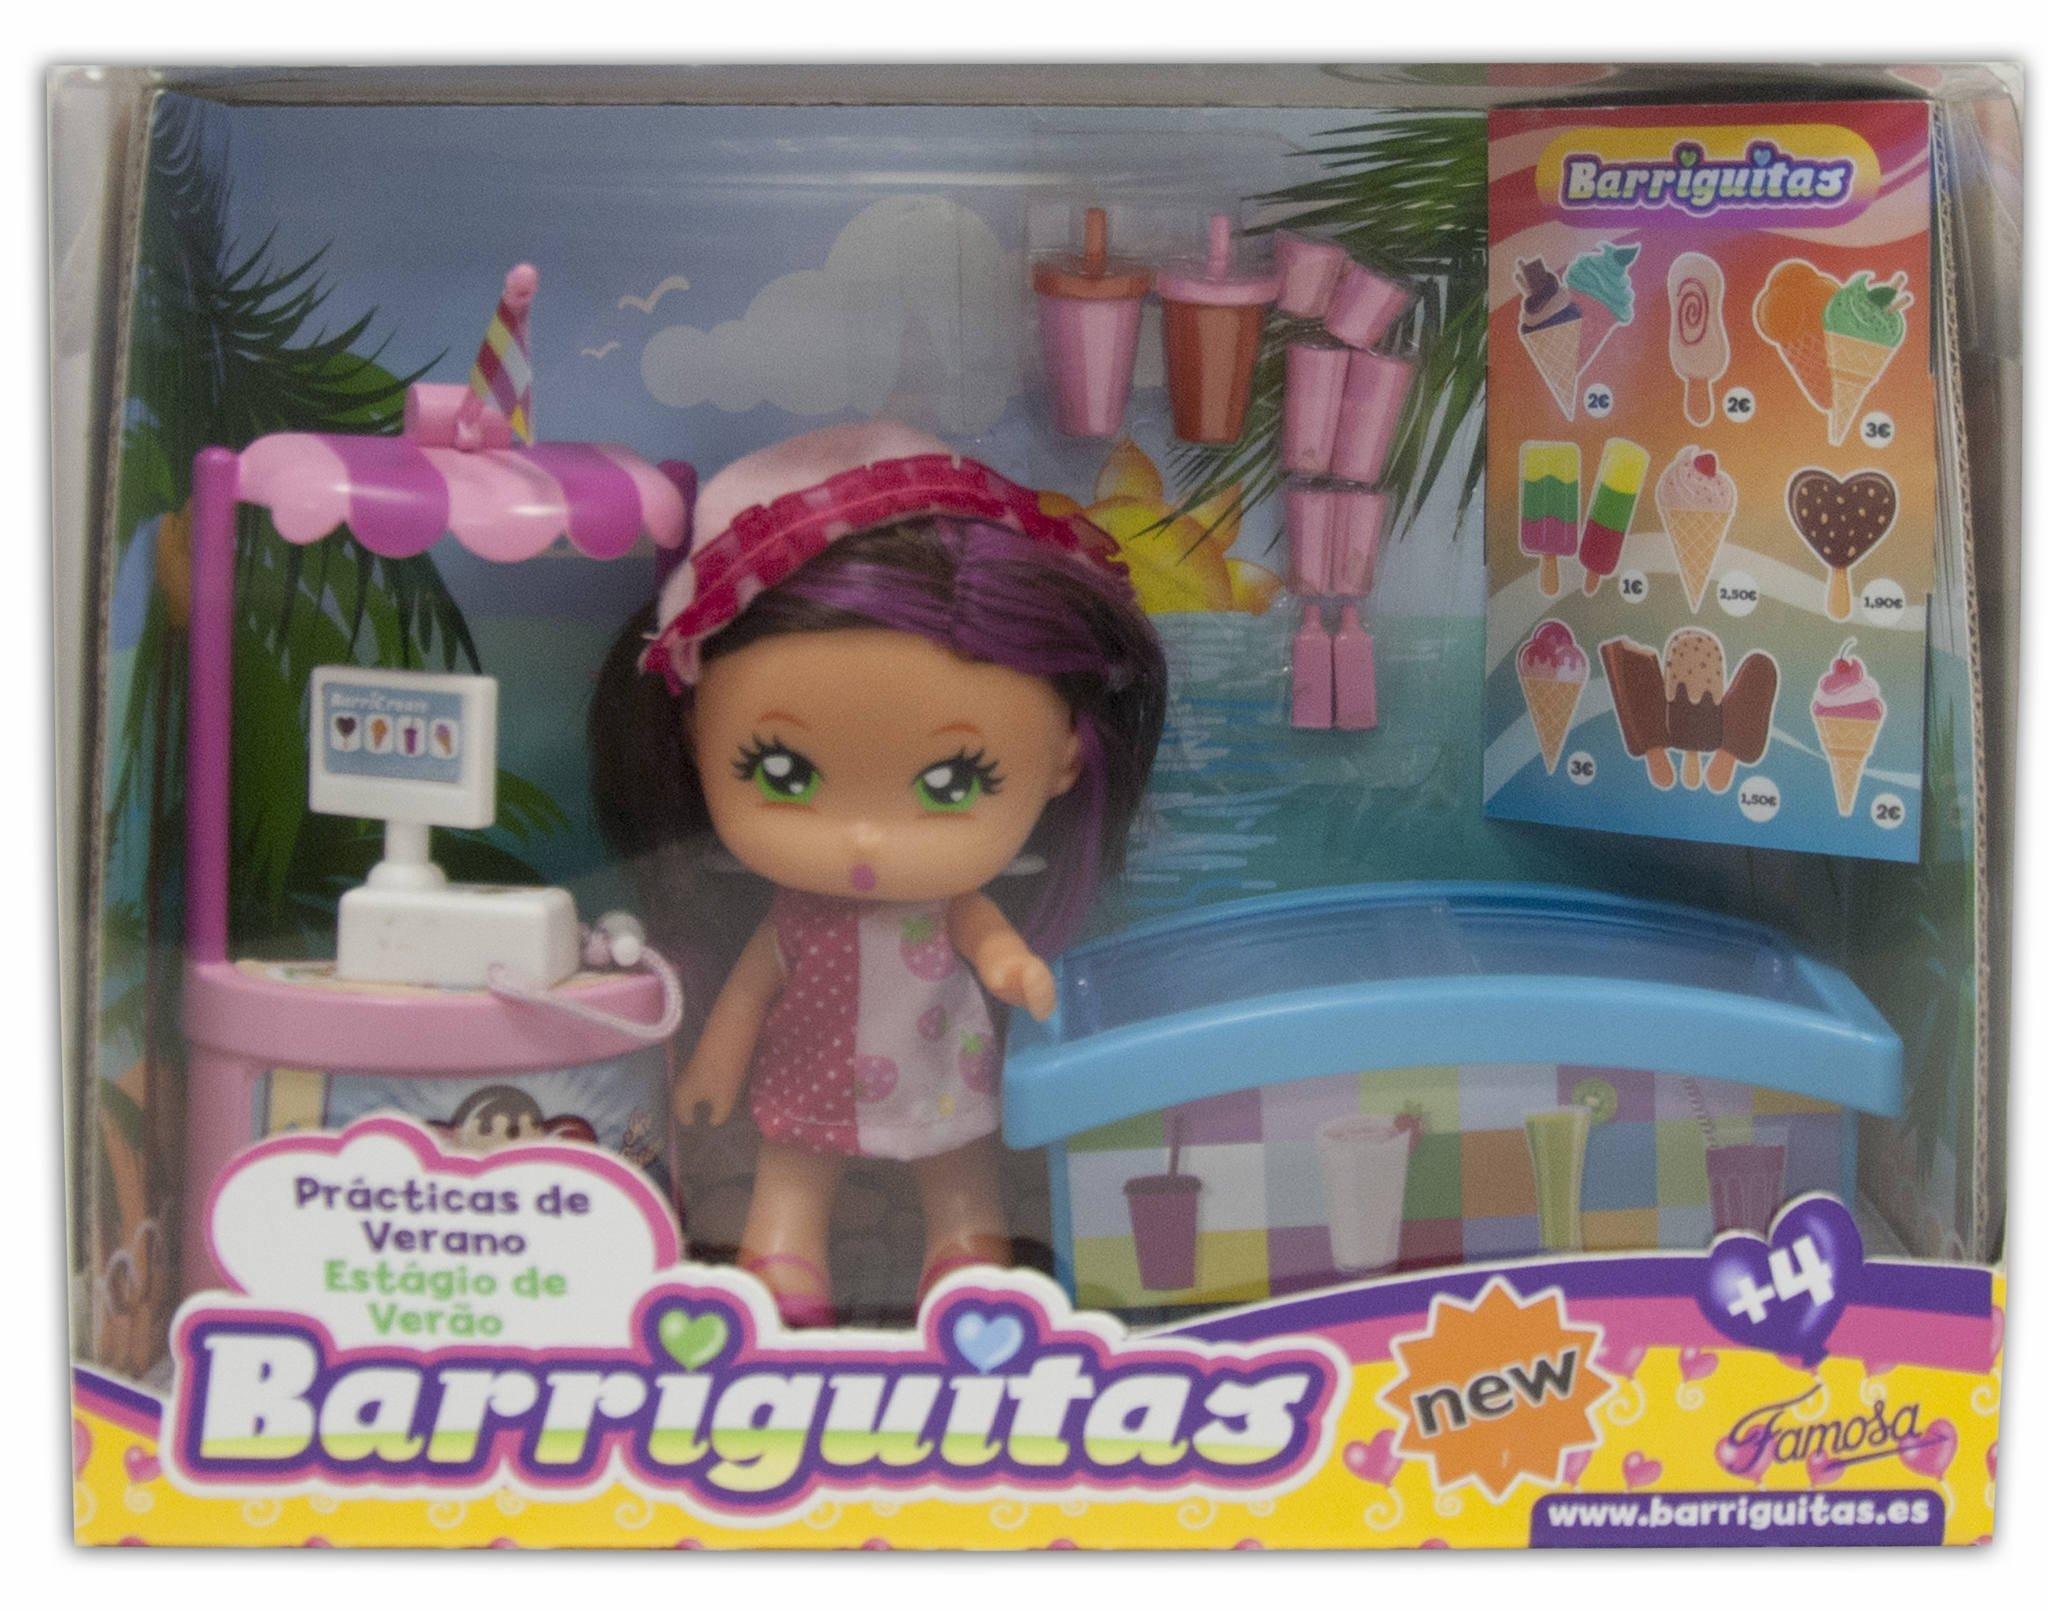 Barriguitas - 700013443B. Tienda de Helados: Amazon.es: Juguetes y juegos